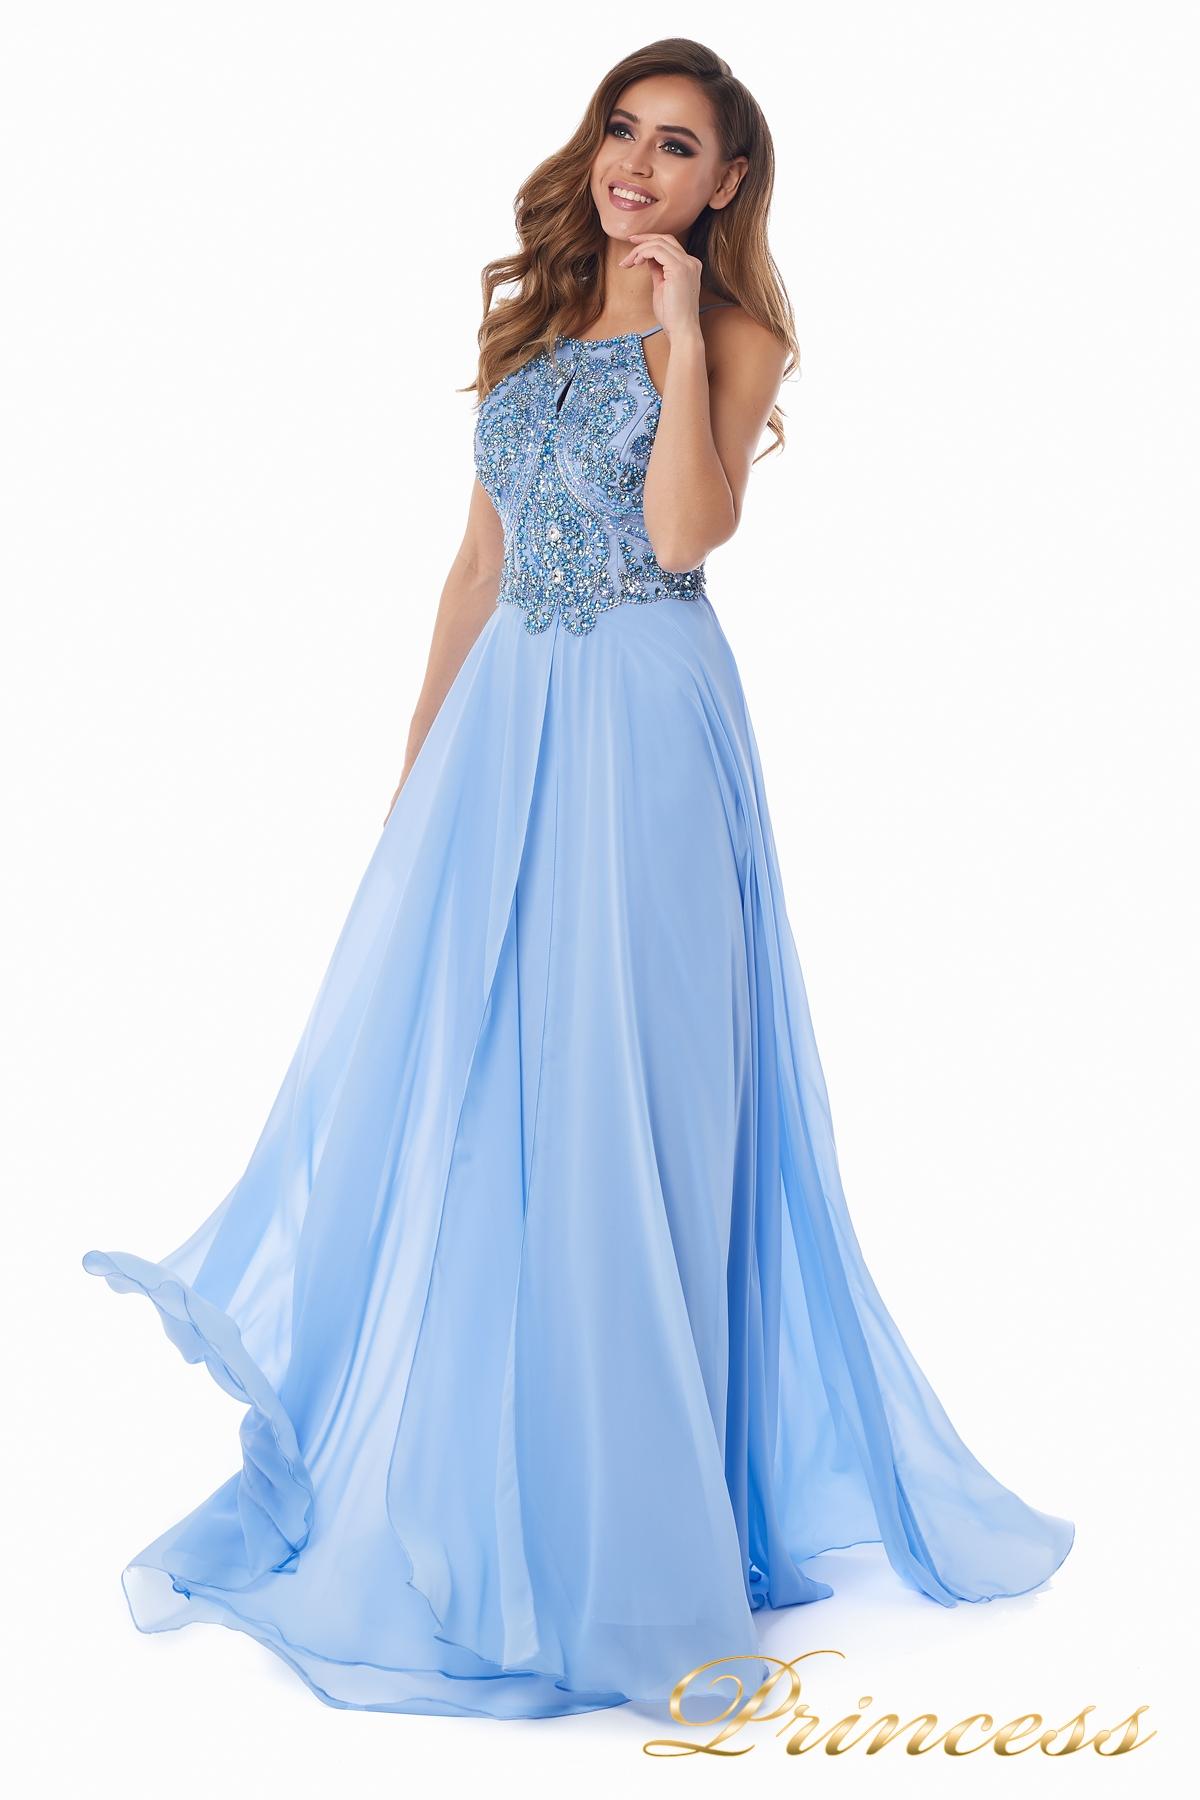 Вечерние Платья Голубого Цвета 2021